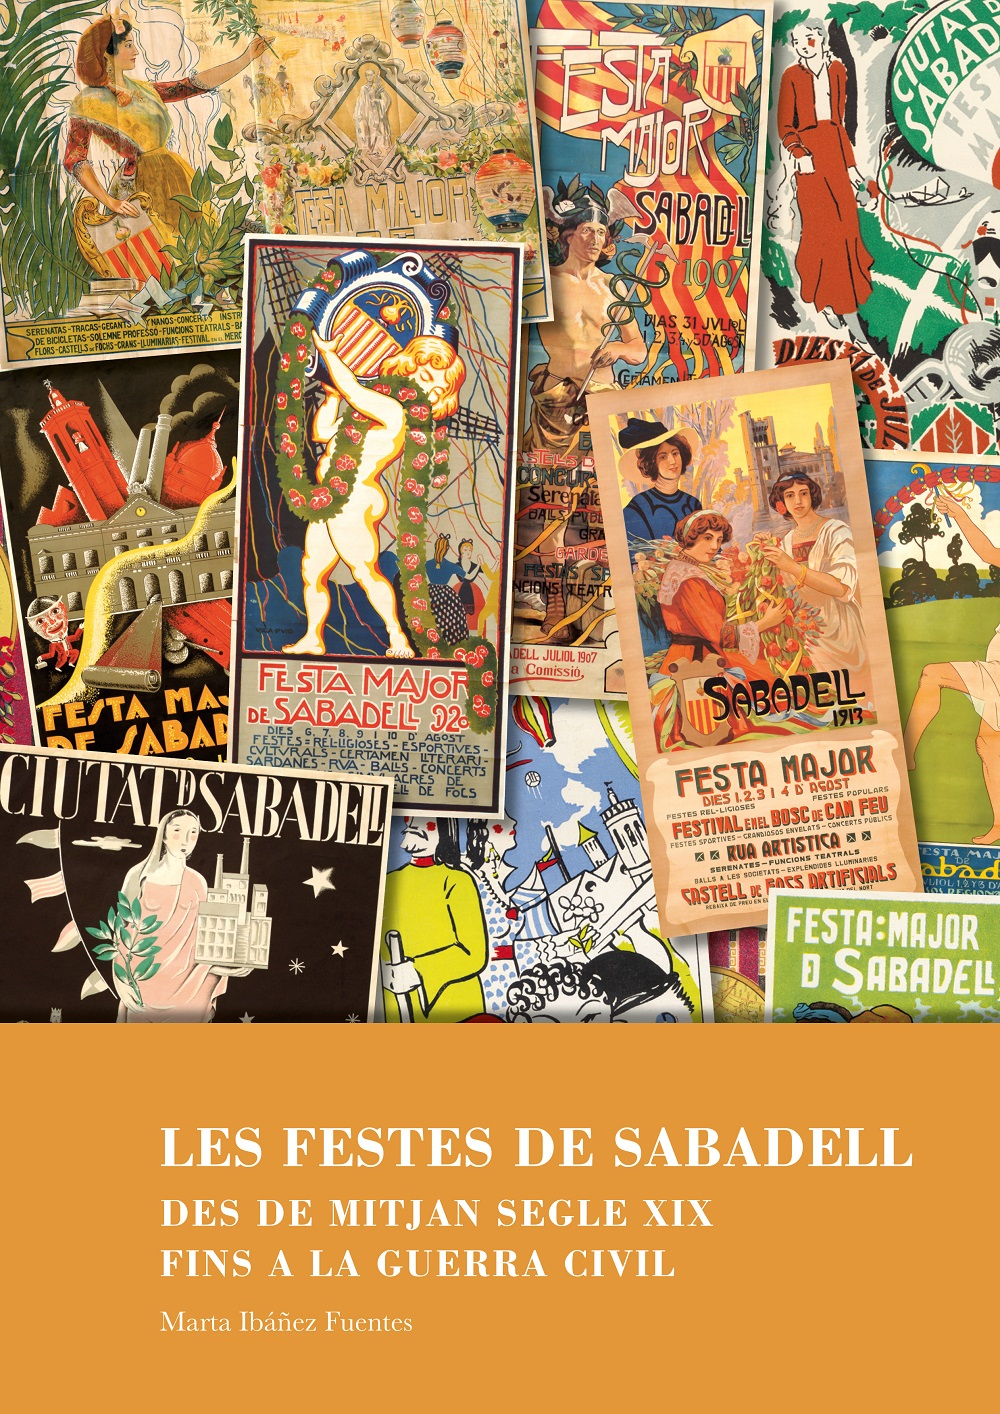 L'Ajuntament edita un llibre sobre la història de les festes de Sabadell a cavall dels segles XIX i XX